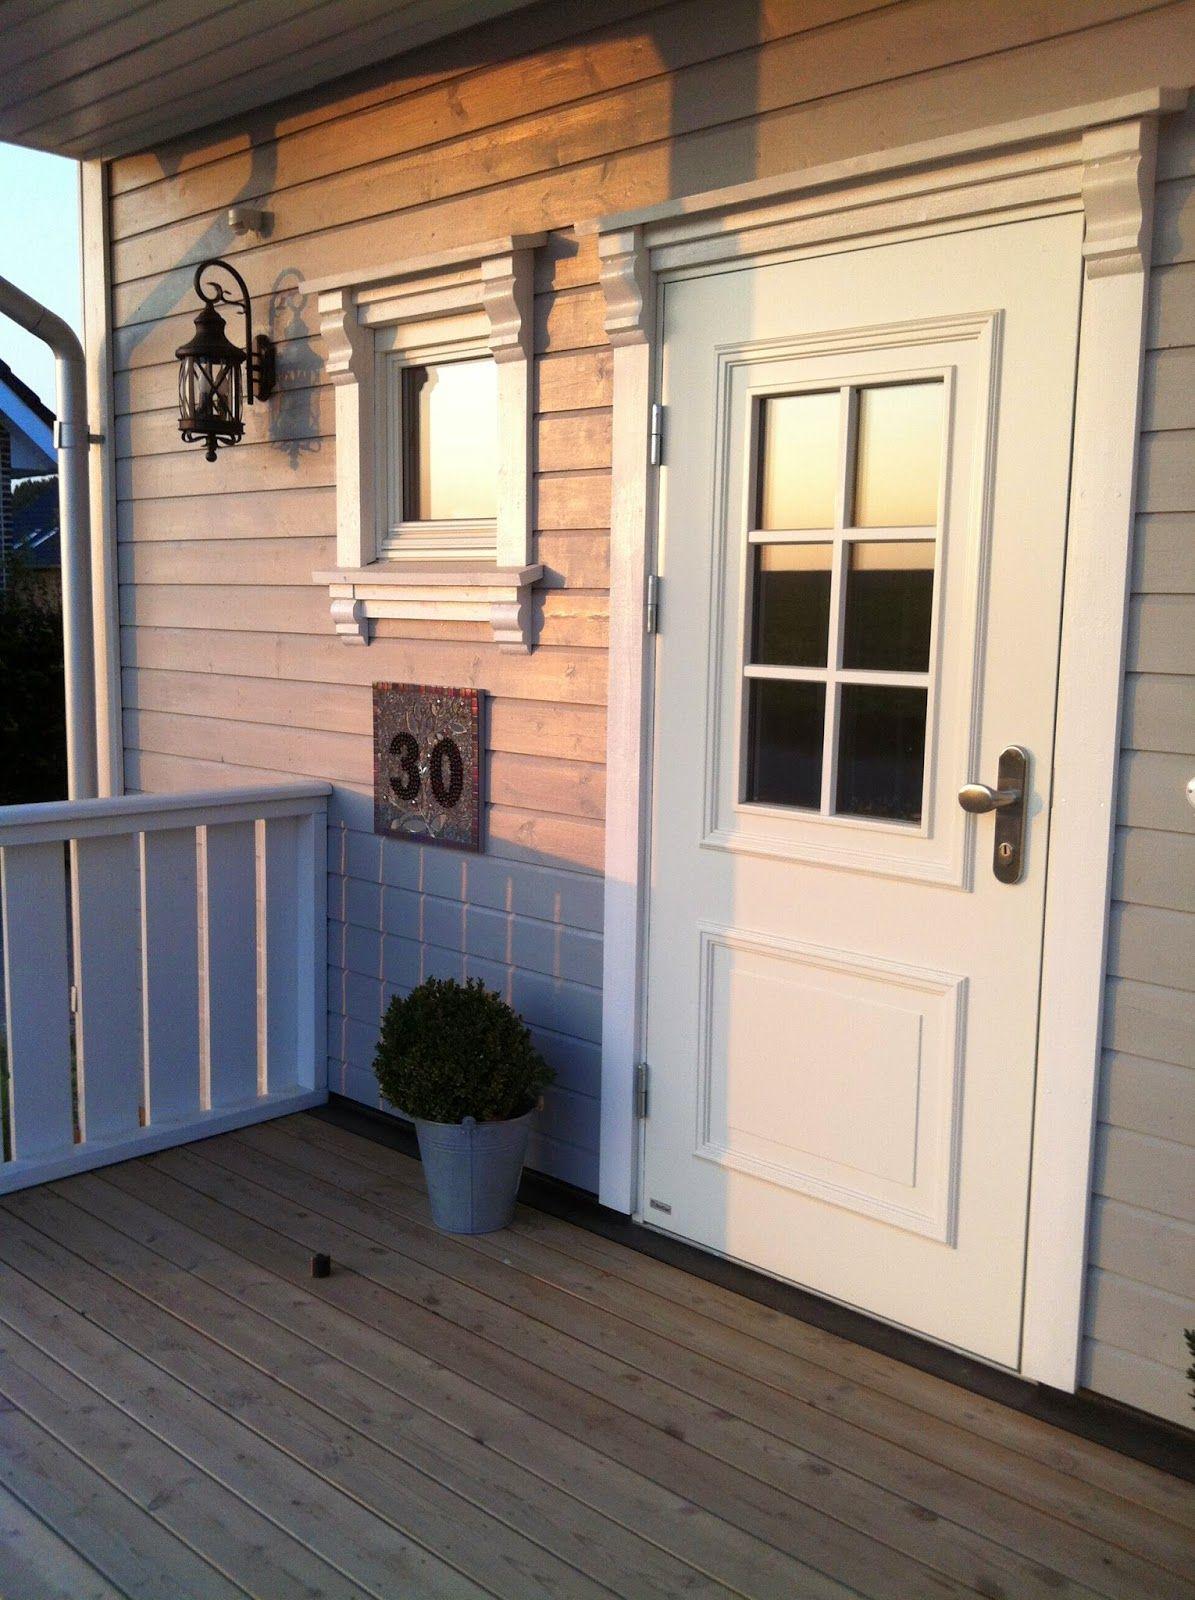 Ein schönes Eingangspodest aus Holz ist eine stilechte Ergänzung zu einem echten Schwedenhaus. Baubüro Süd der Akost GmbH: www.bau-dein-schwedenhaus.de